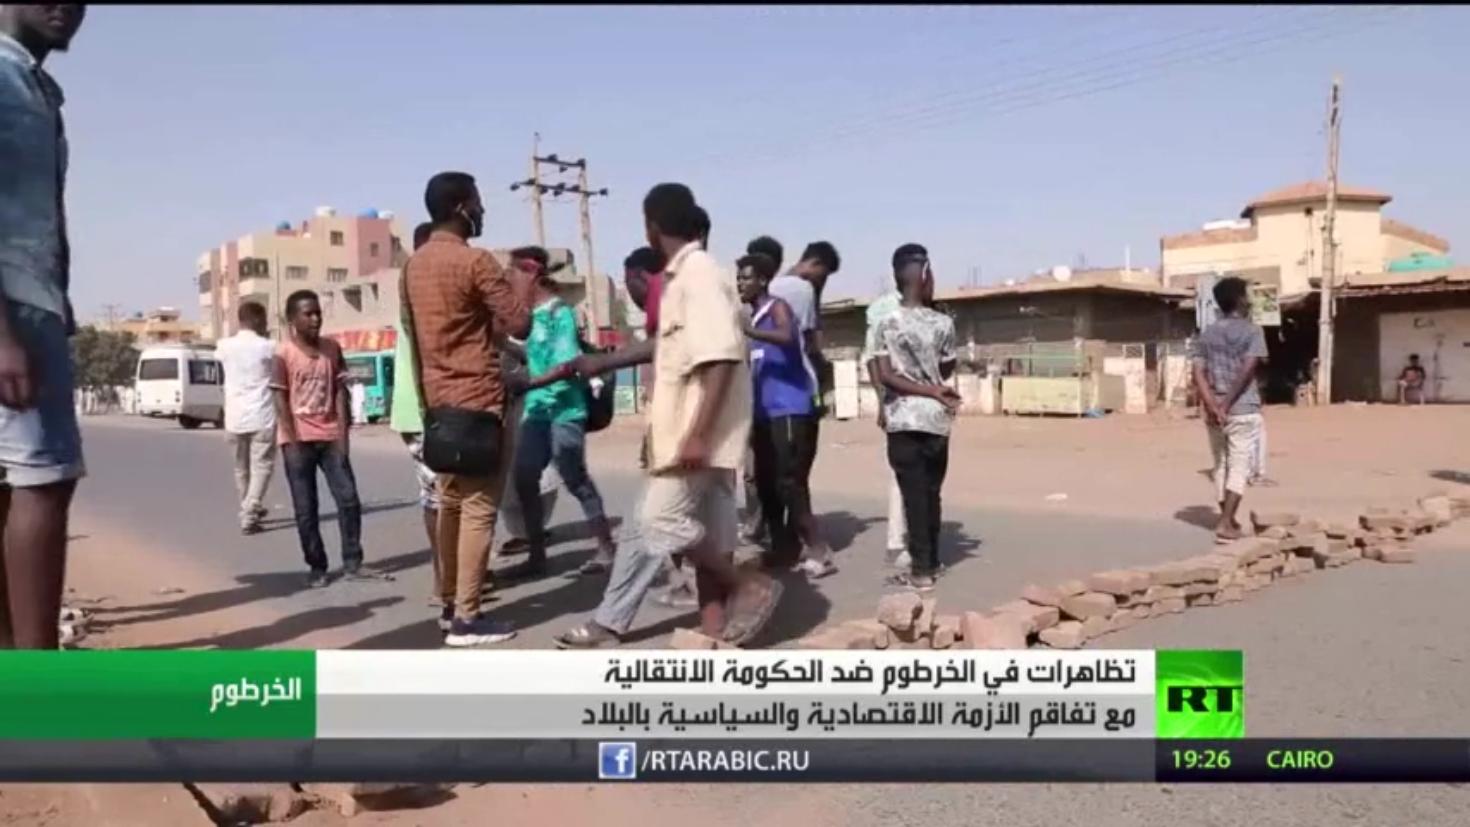 تواصل التظاهرات بالخرطوم ضد الحكومة